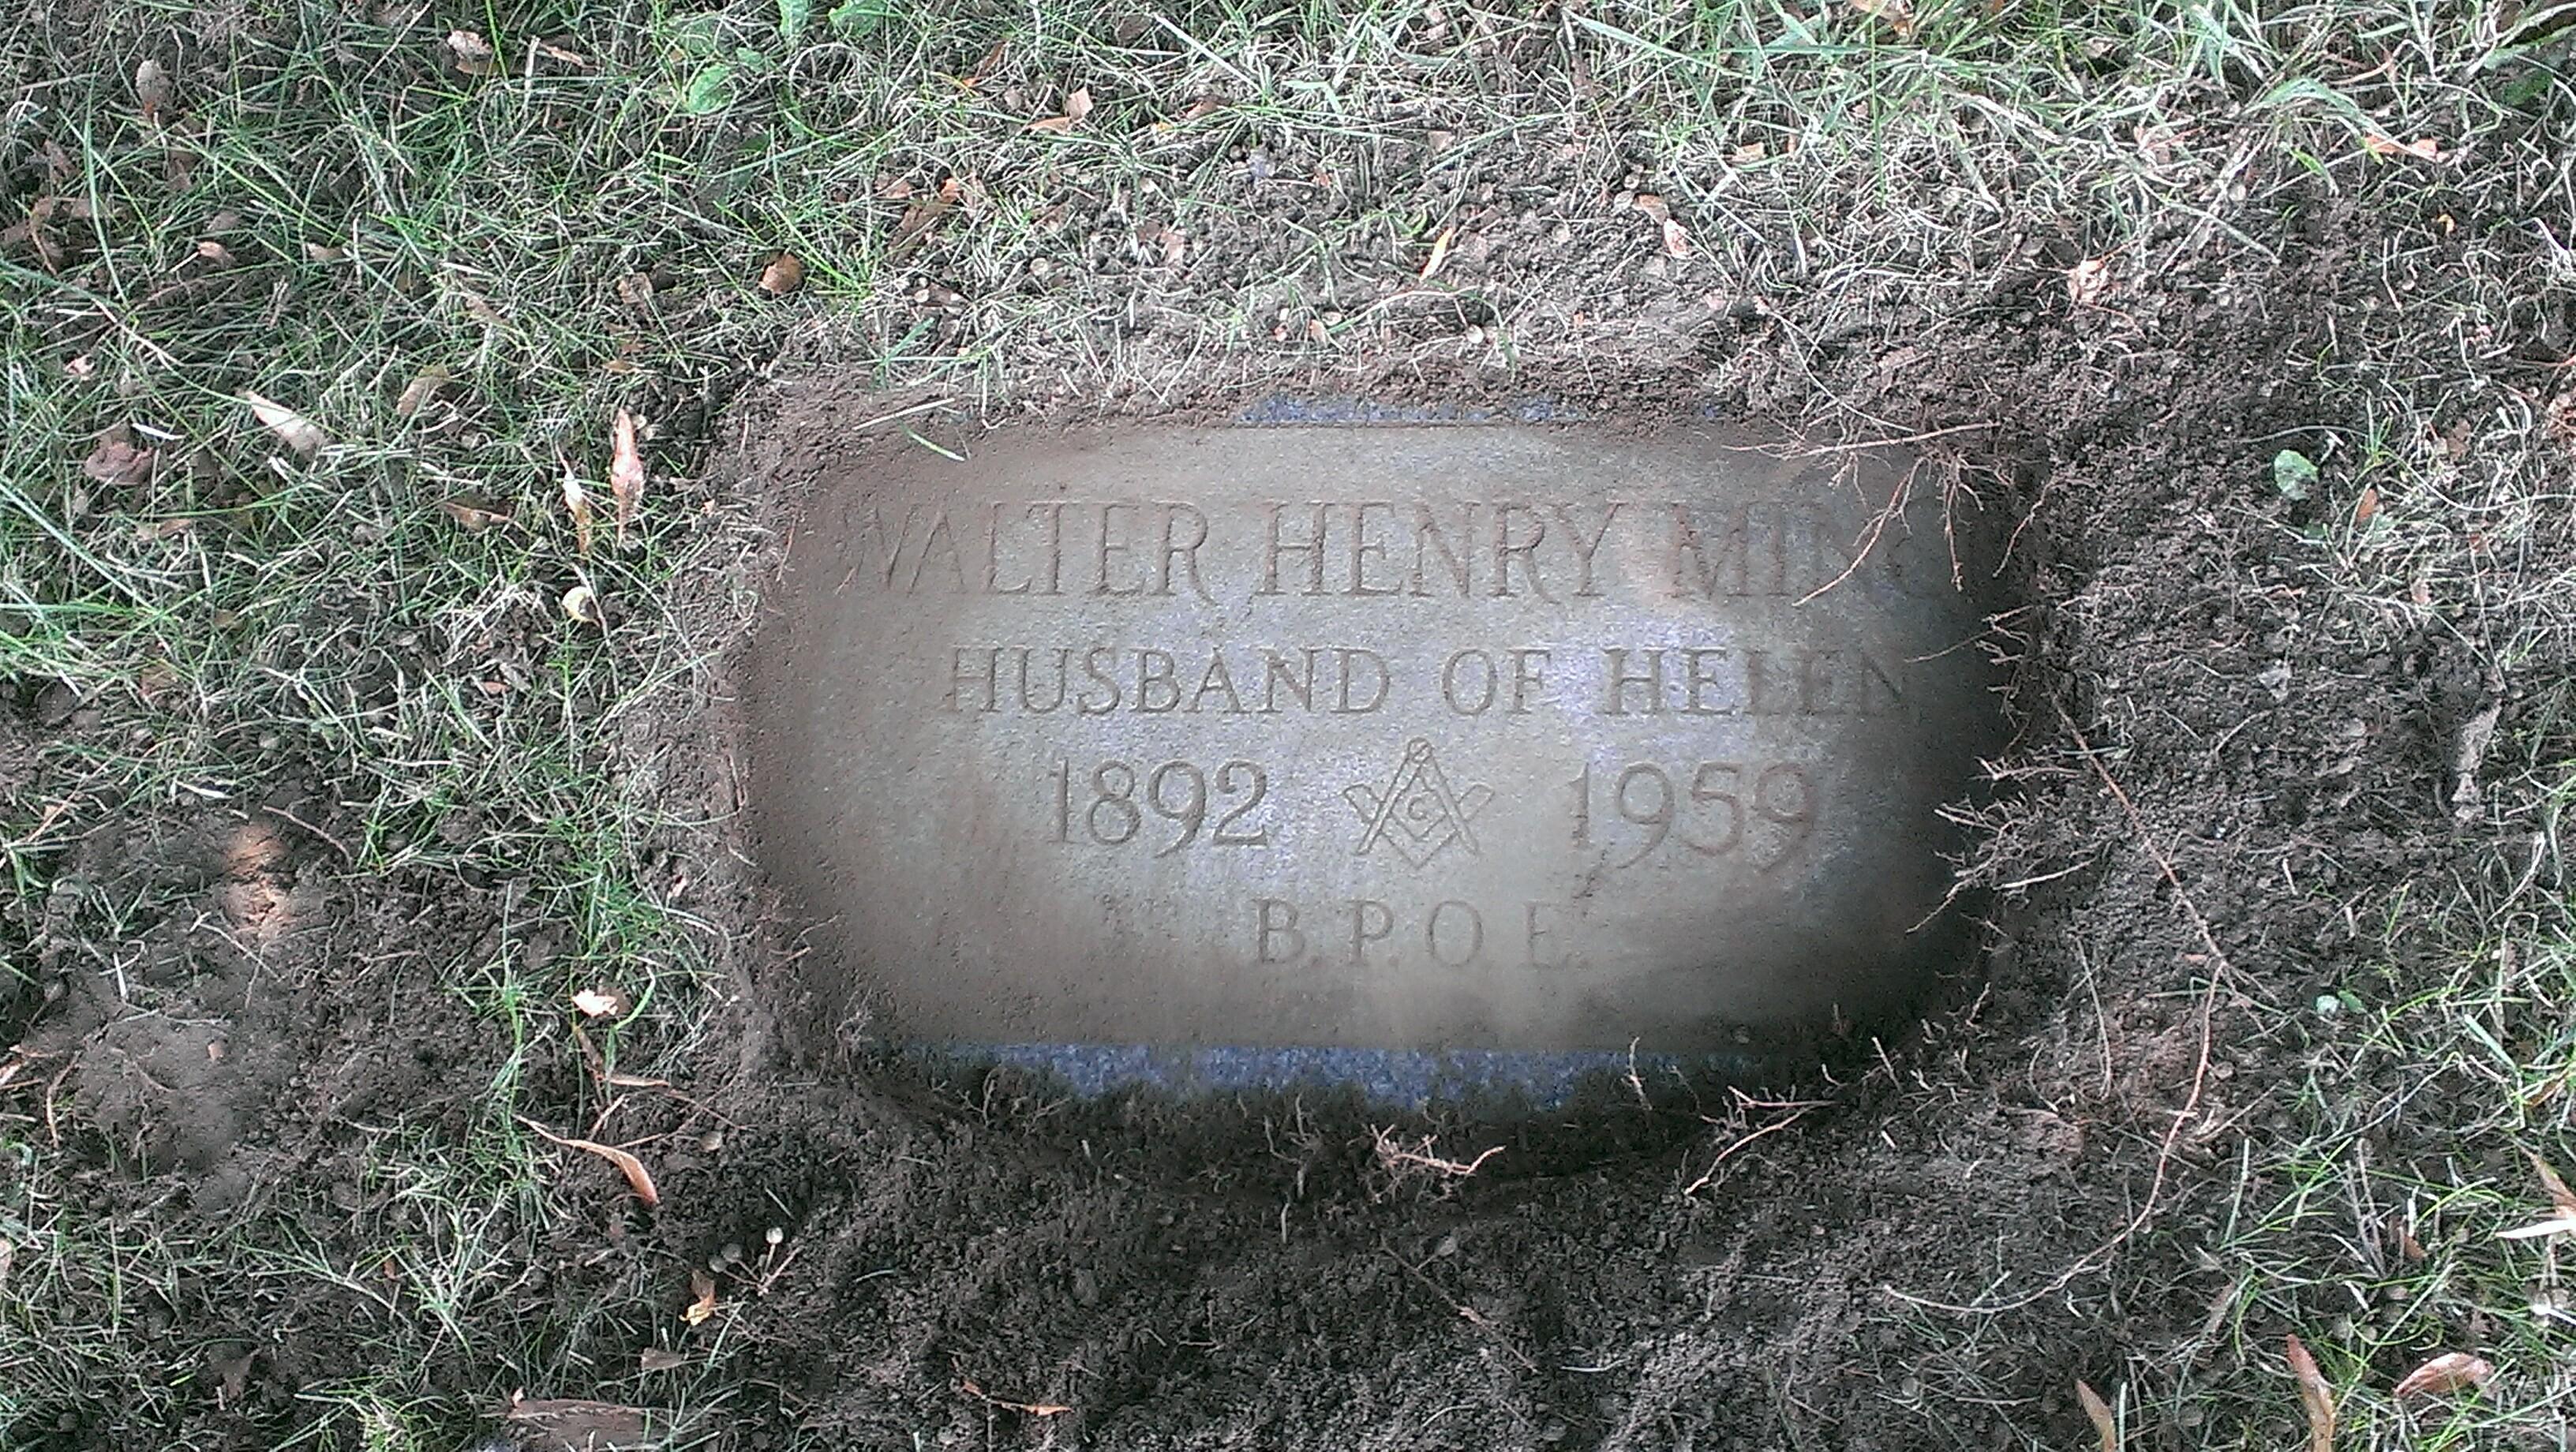 Walter Henry Minch